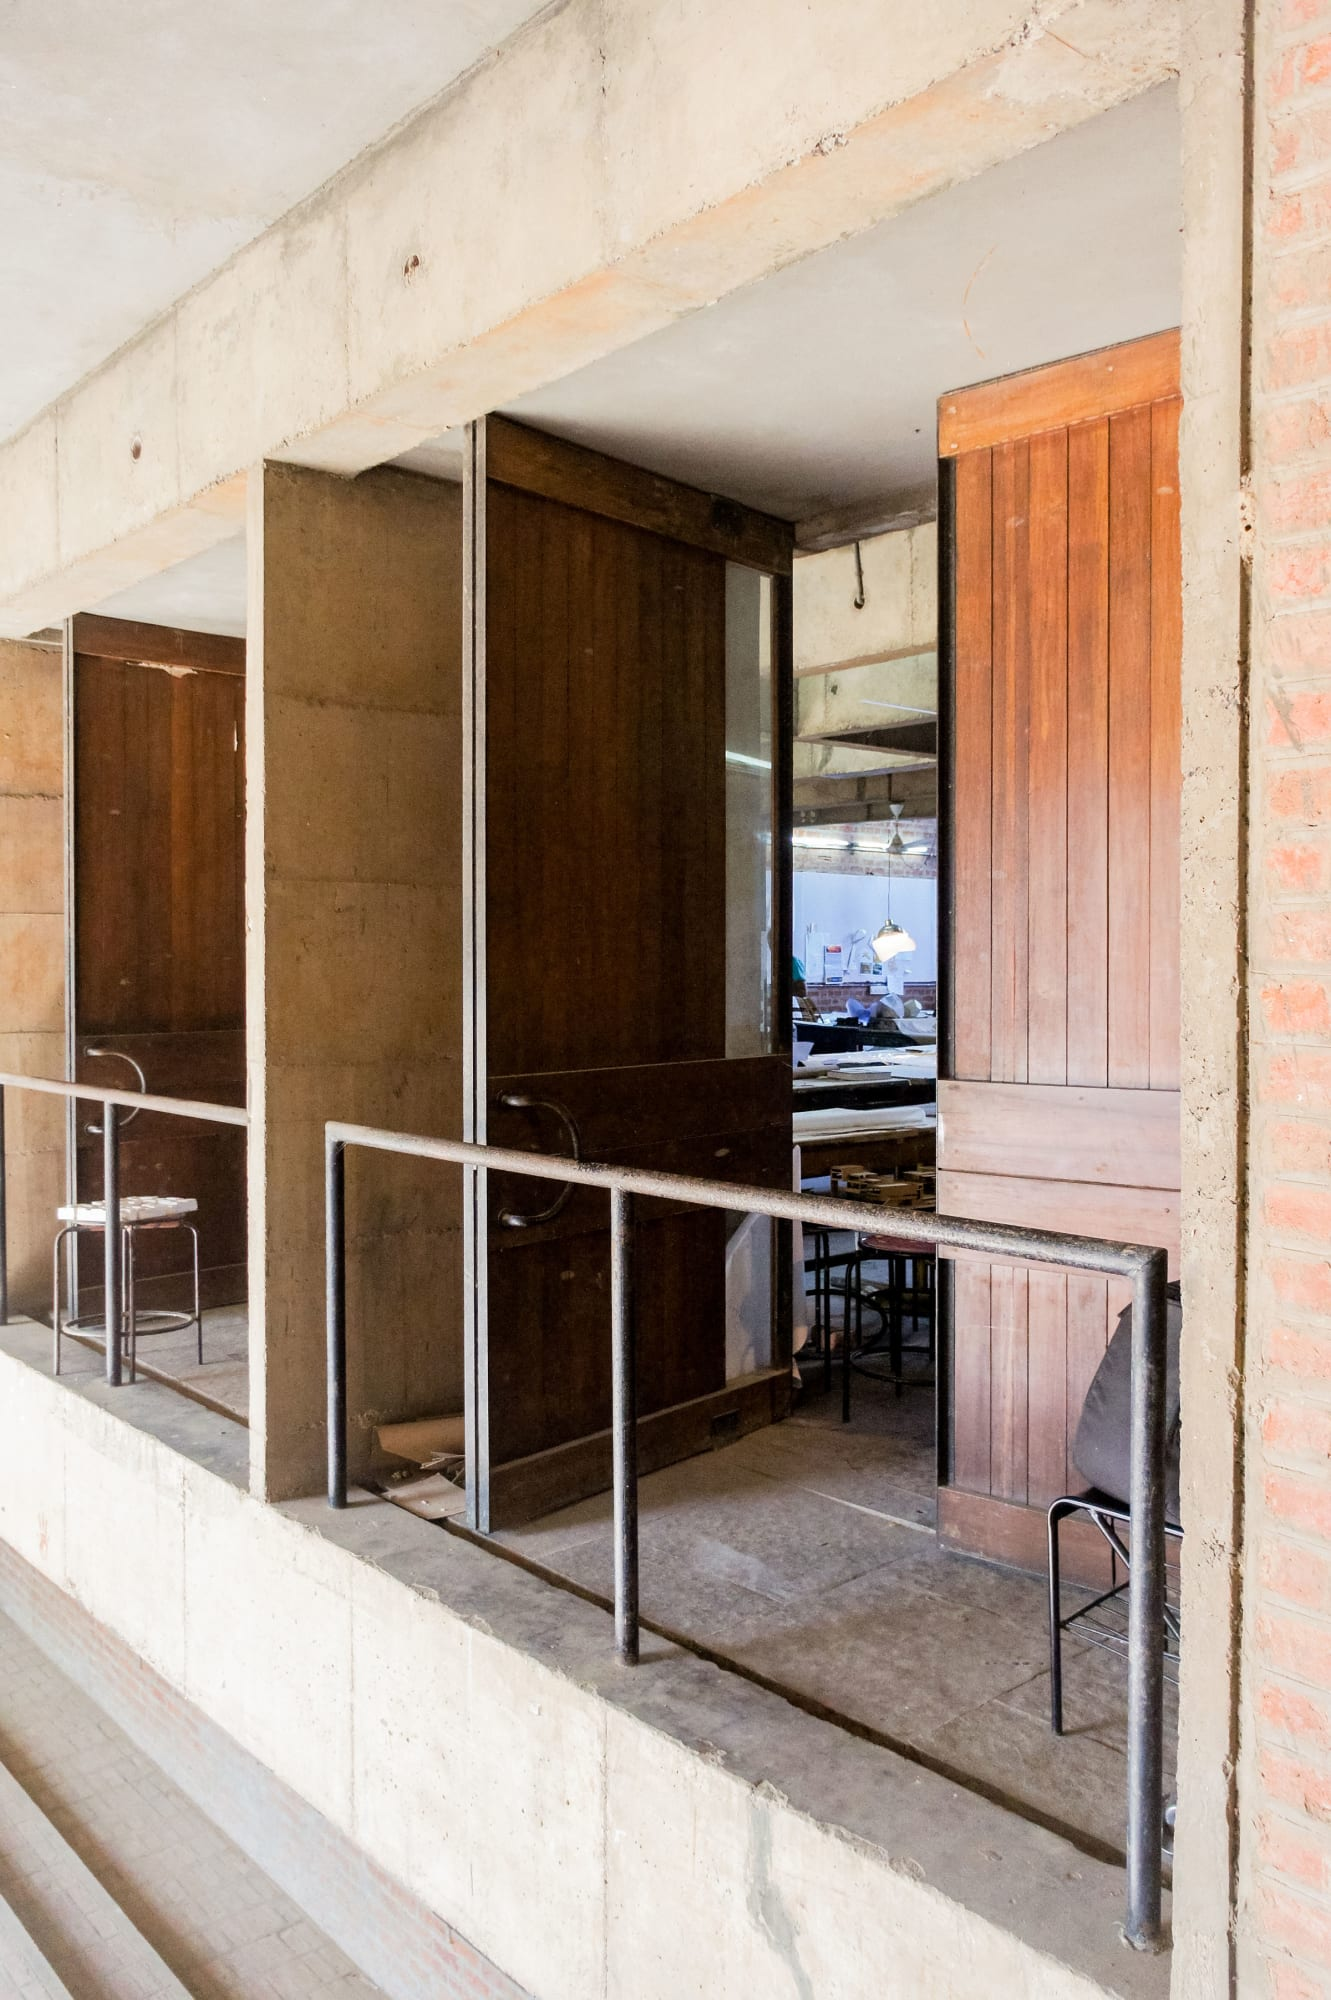 cept masters in interior design architecture